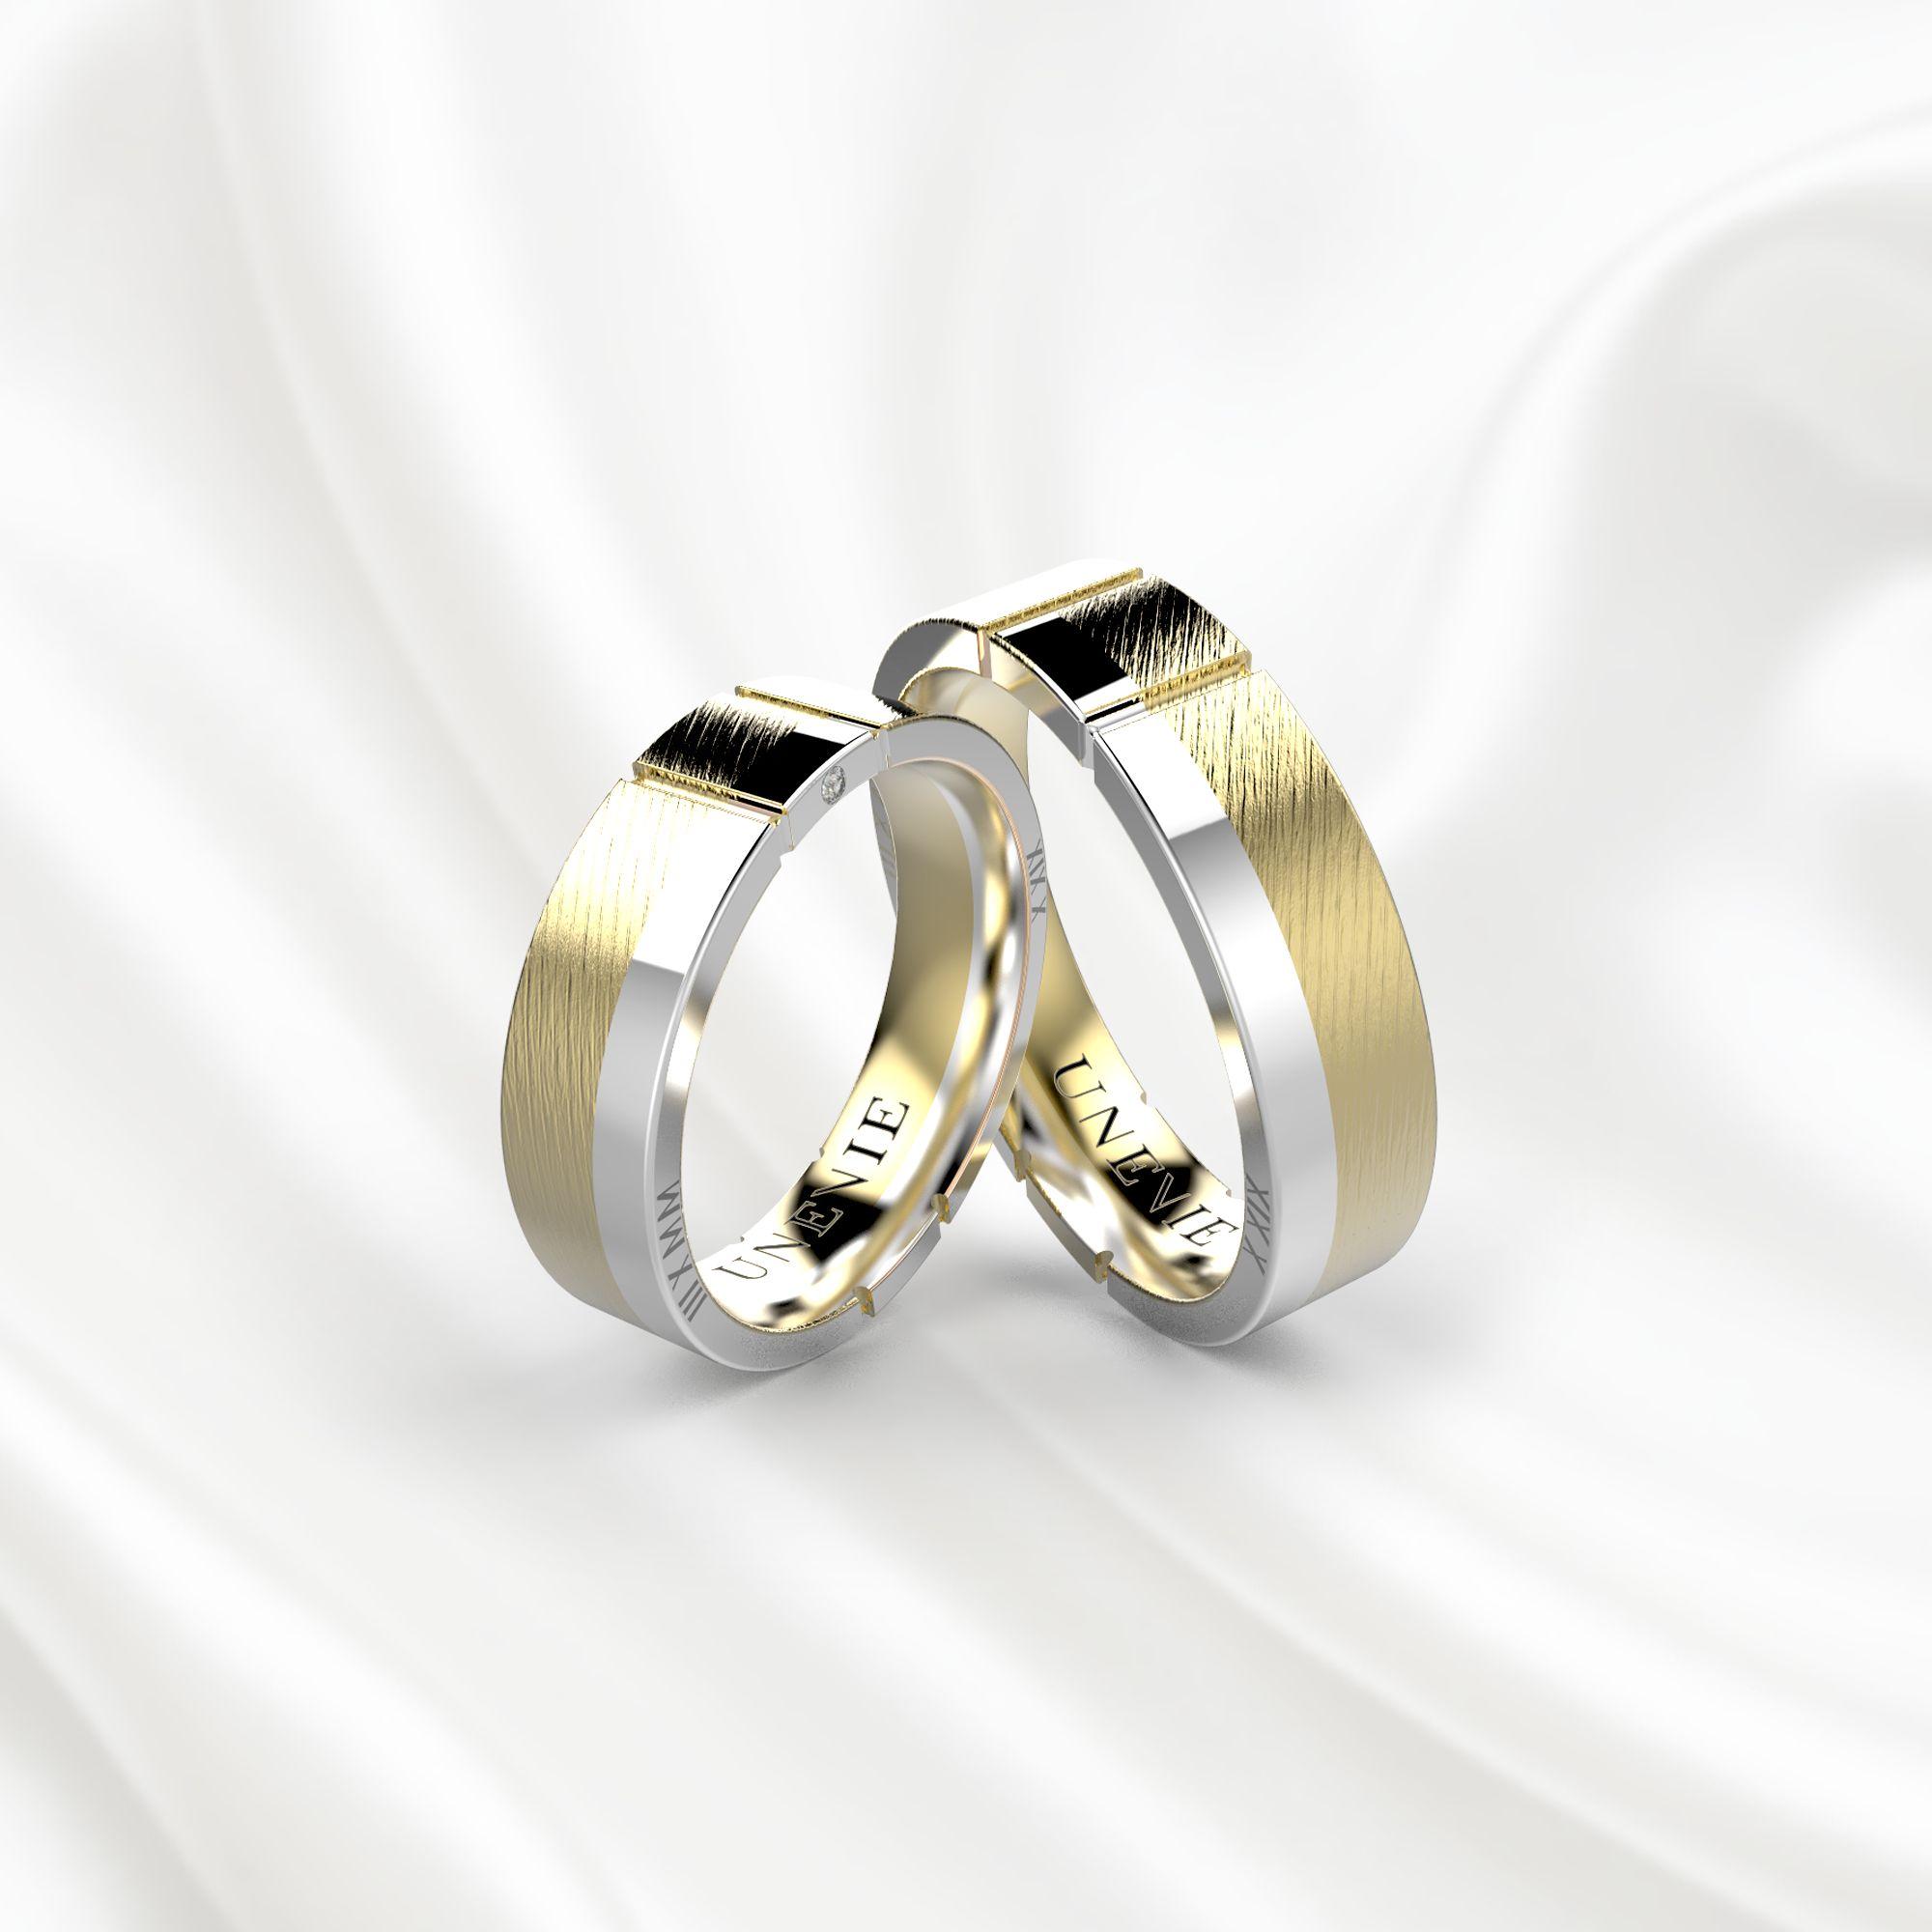 NV17 Обручальные кольца из желто-белого золота